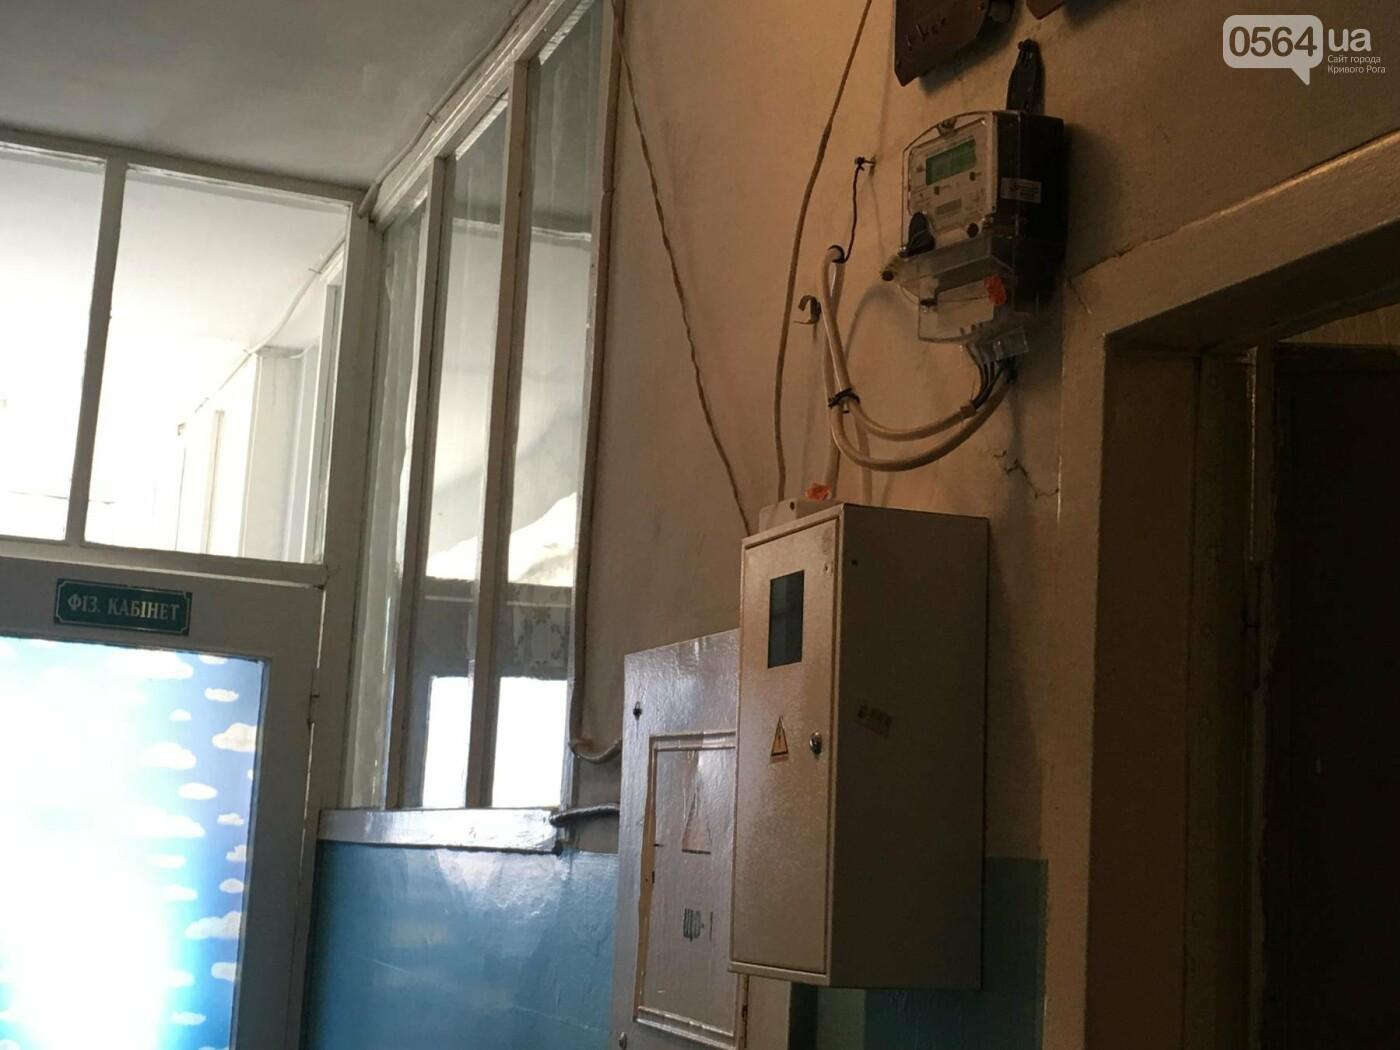 В детской поликлинике криворожане с младенцами дышат спорами грибка, ожидая в очереди (ФОТО), фото-8